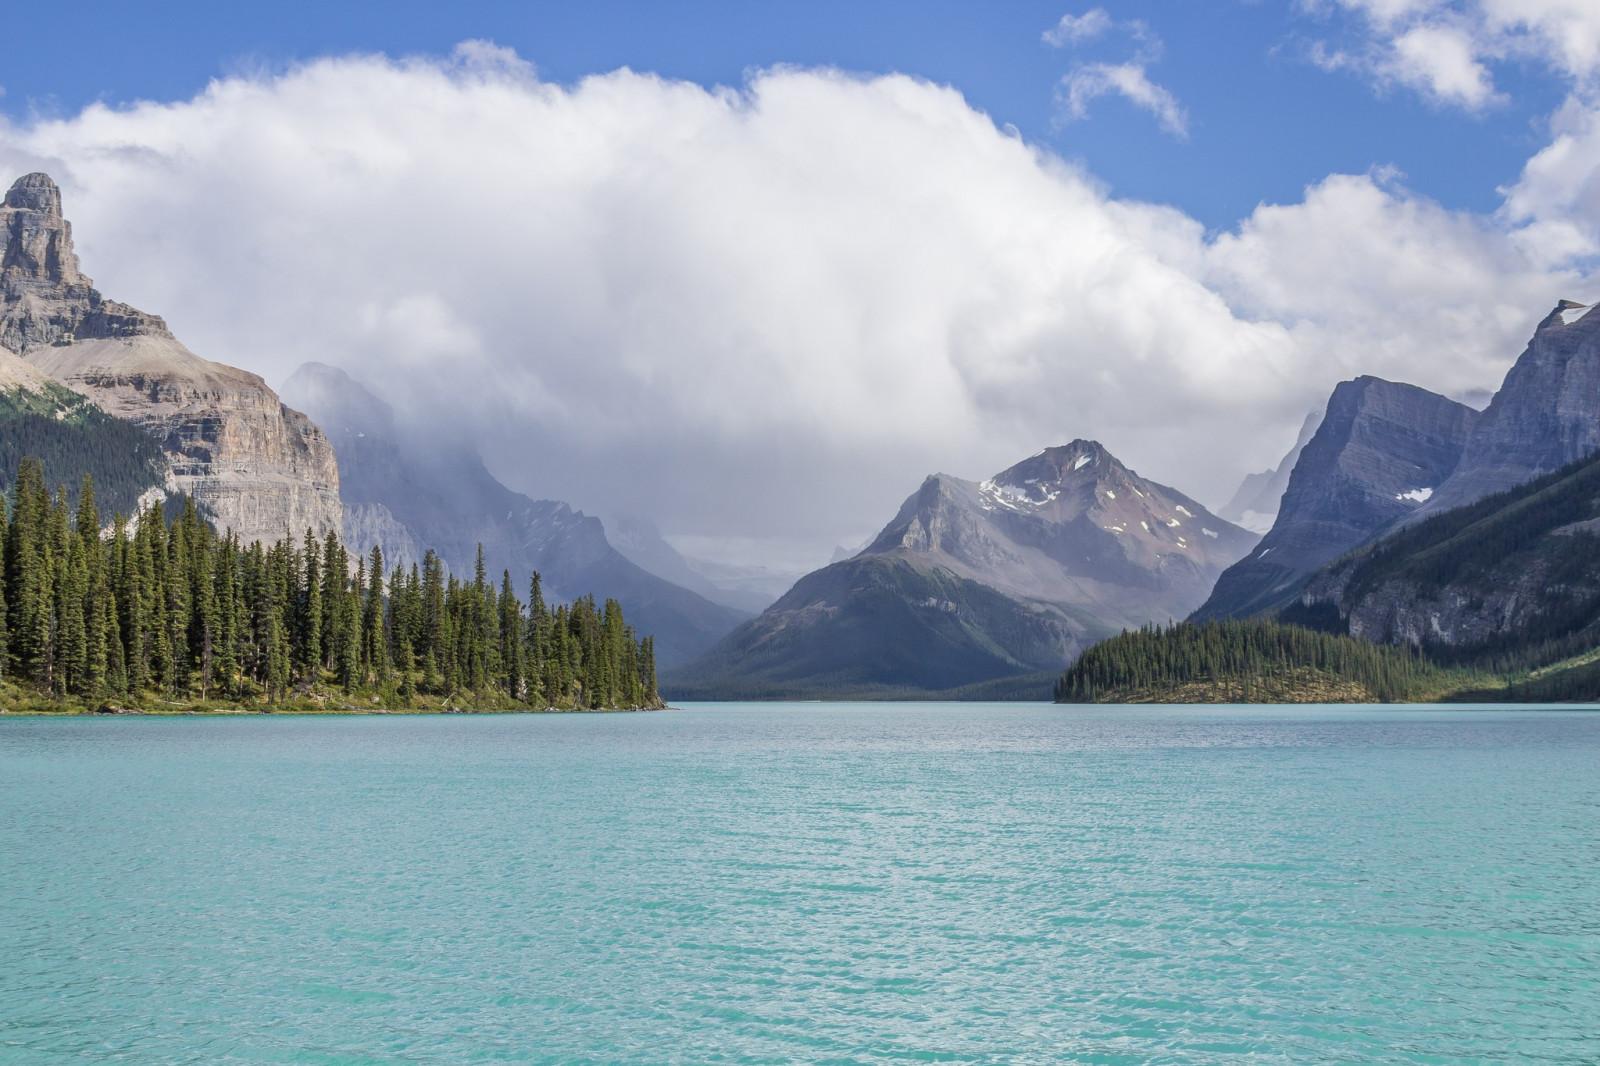 Картинки с горами и морем, картинки спокойной